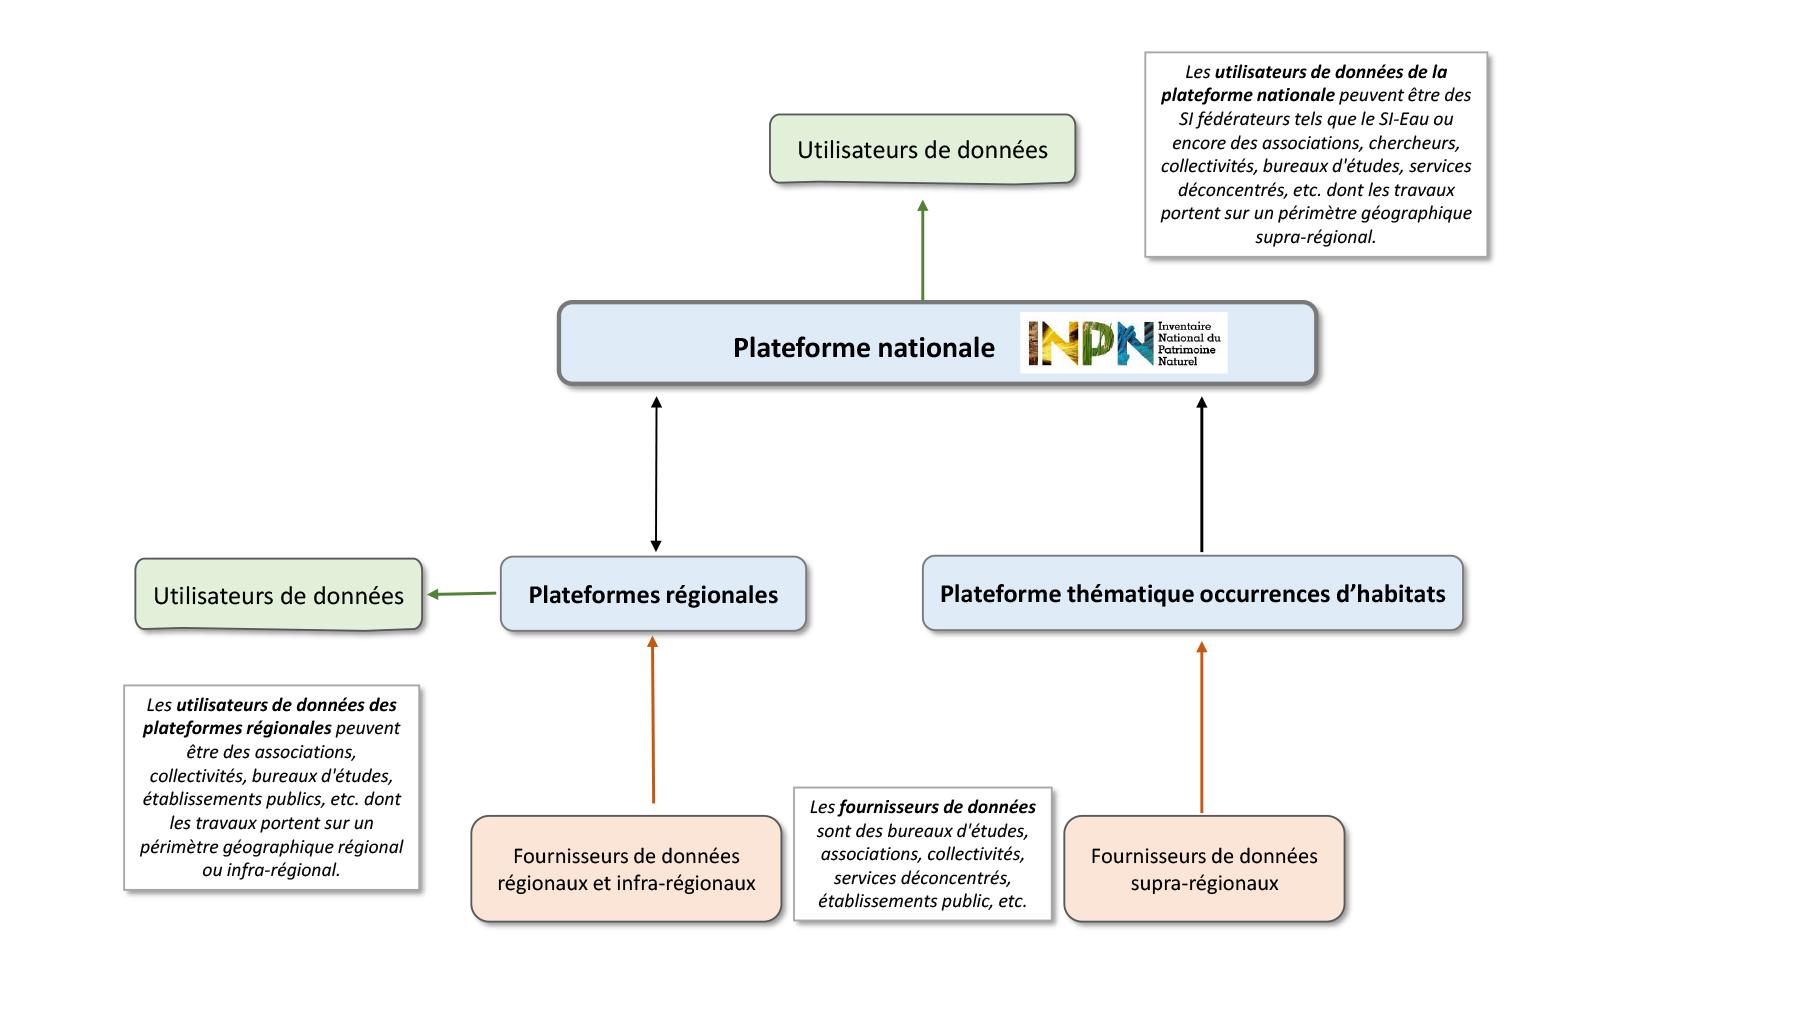 Schéma simplifié de l'architecture du SINP relatif à la circulation des données